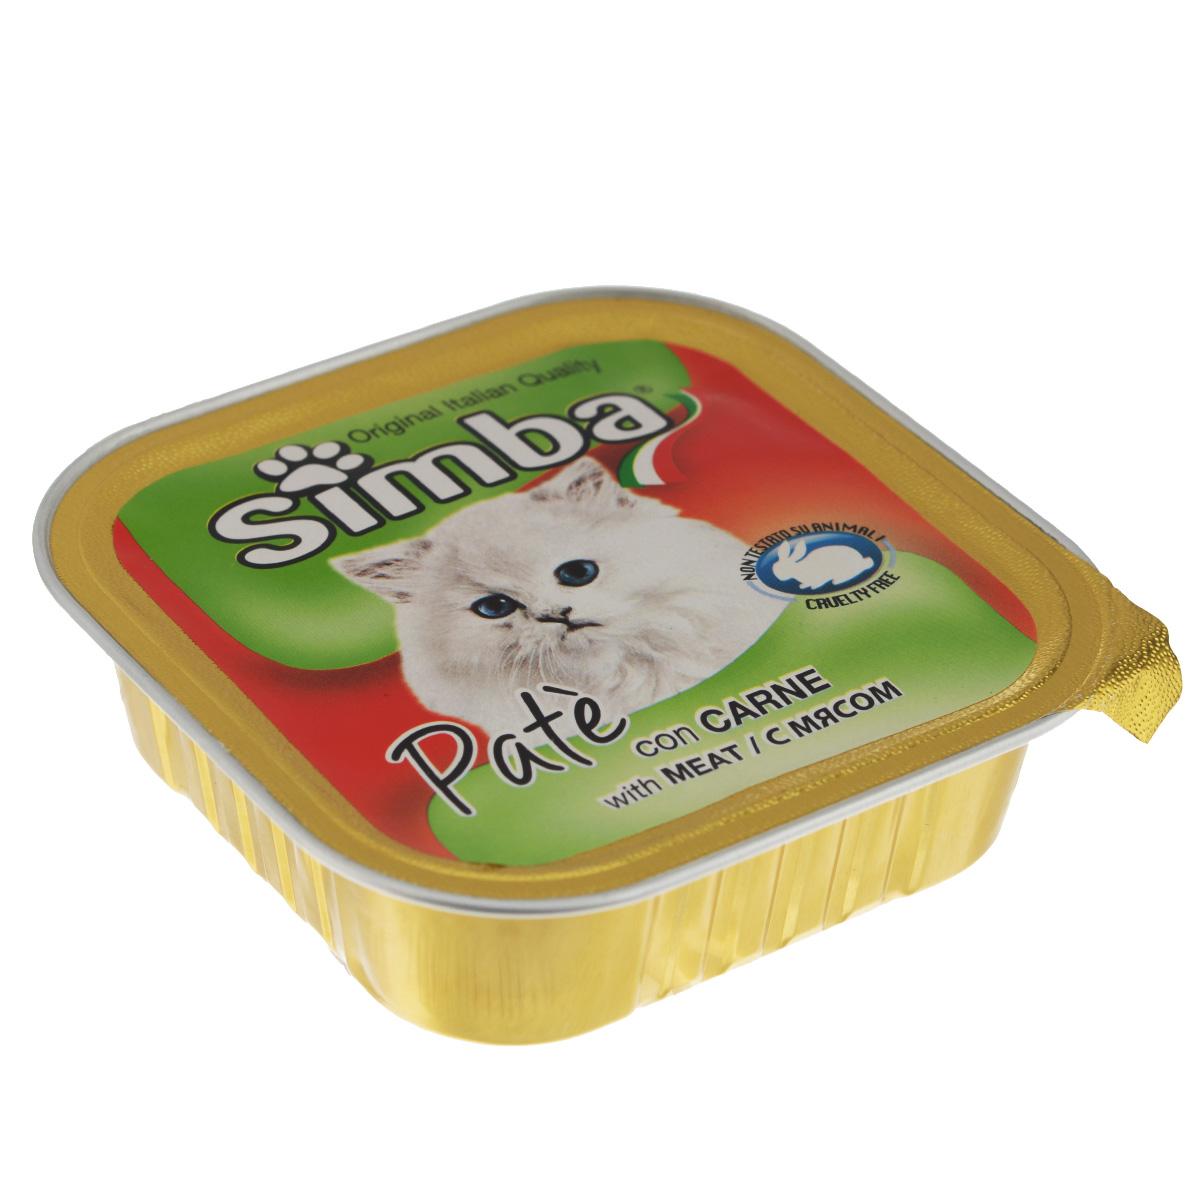 Консервы Monge Simba для взрослых кошек, паштет с мясом, 100 г70009218Консервы Monge Simba - полнорационный корм для взрослых кошек. Без добавления консервантов и антиоксидантов. Экологически чистое производство гарантирует высочайшее качество и длительные сроки хранения консервов. Тщательный отбор сырья и содержащийся в нем полный набор витаминов и микроэлементов обеспечивает отличную усвояемость и отсутствие проблем с пищеварением у ваших любимых питомцев. Состав: мясо и мясные субпродукты (6%), каррагенин, минеральные вещества, натуральные красители и вкусовые добавки. Пищевая ценность: протеин 8,0%, жир 7,5%, зола 2,1%, клетчатка 0,4%, влажность 82%. Добавки на кг: витамин А: 1 200; витамин D3: 160; витамин Е: 5 мг/кг. Товар сертифицирован.